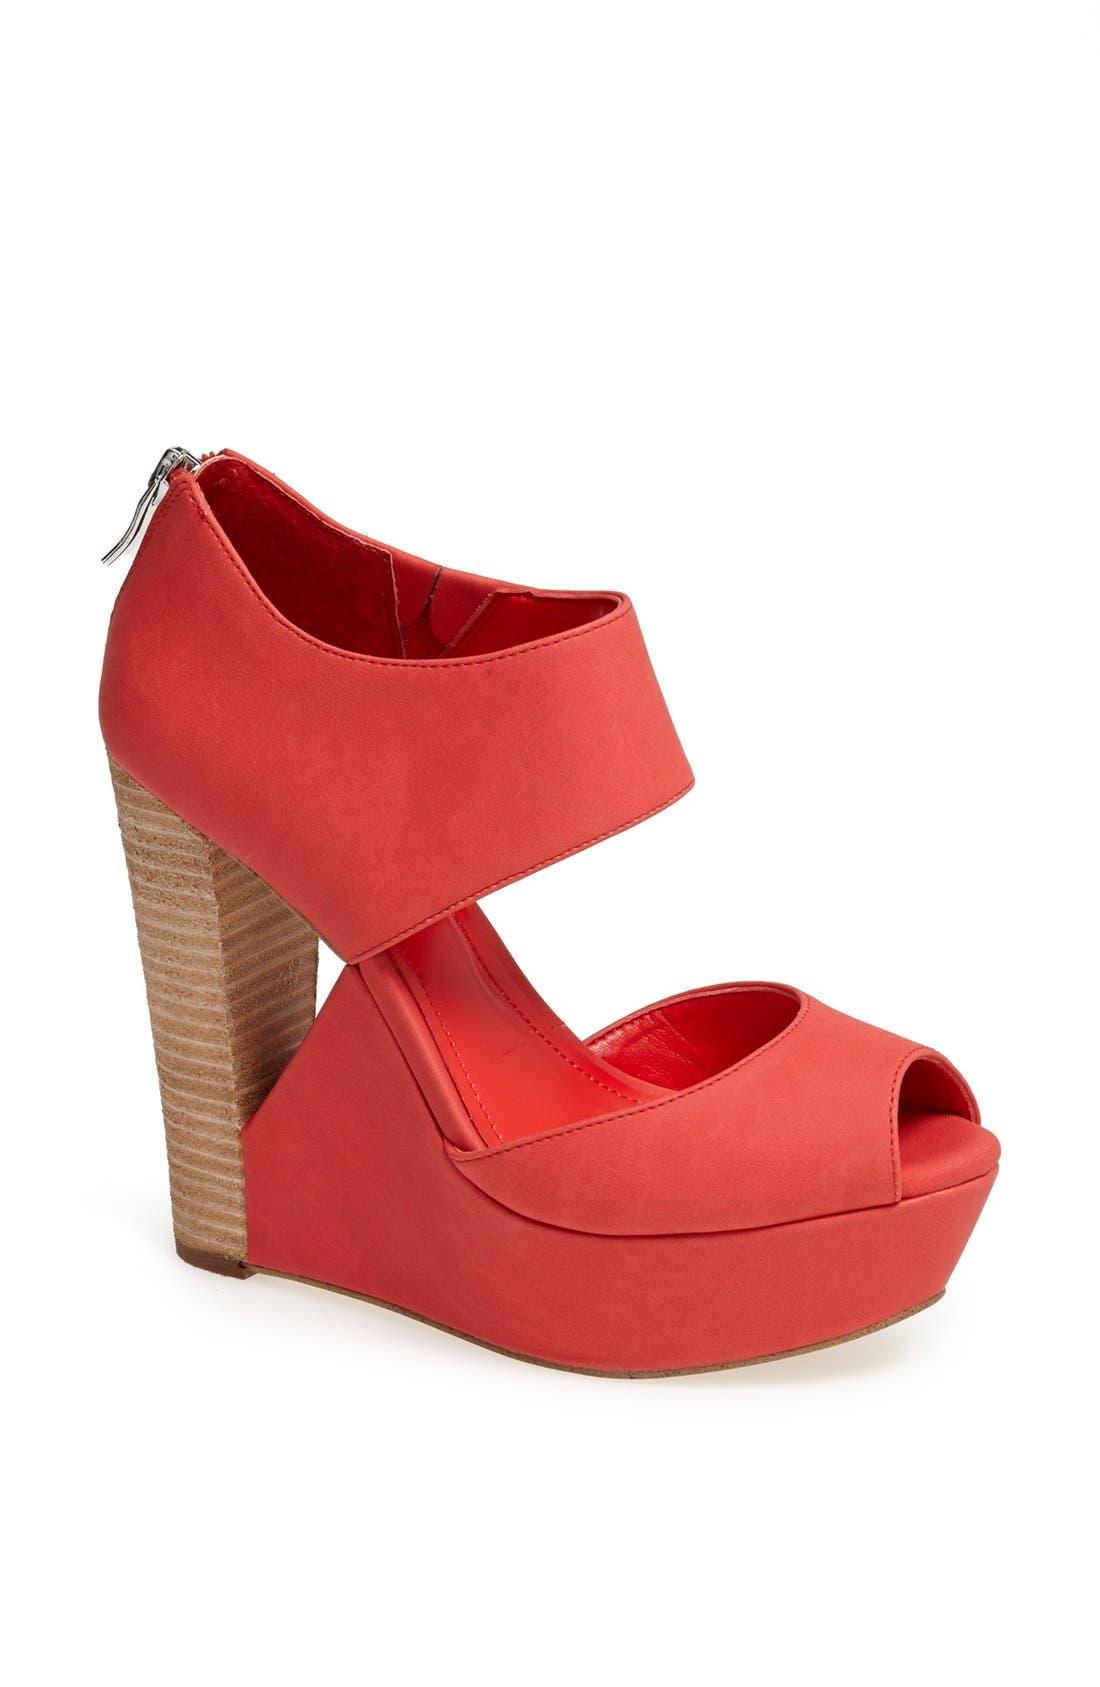 Main Image - BCBGeneration 'Velara' Sandal